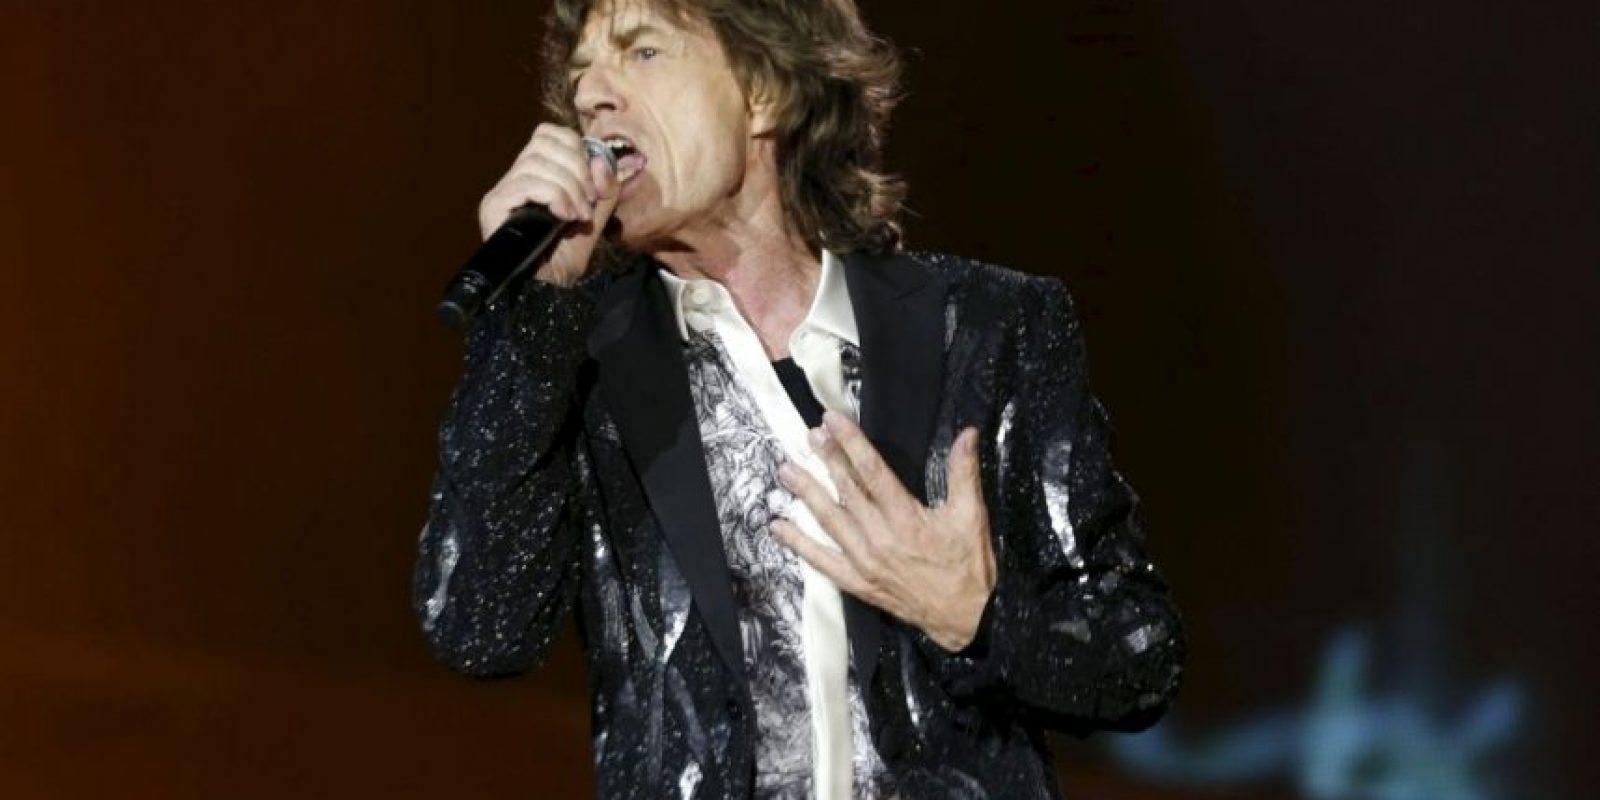 """Mick Jagger afirmó haber tenido dos encuentros cercanos con extraterrestres en su vida. El primero, cuando acampaba con su entonces novia Marianne Faithfull, en Glastounbury. Vio una """"nave nodriza."""" El segundo fue mientras estaba dando un concierto. Foto:Getty Images"""